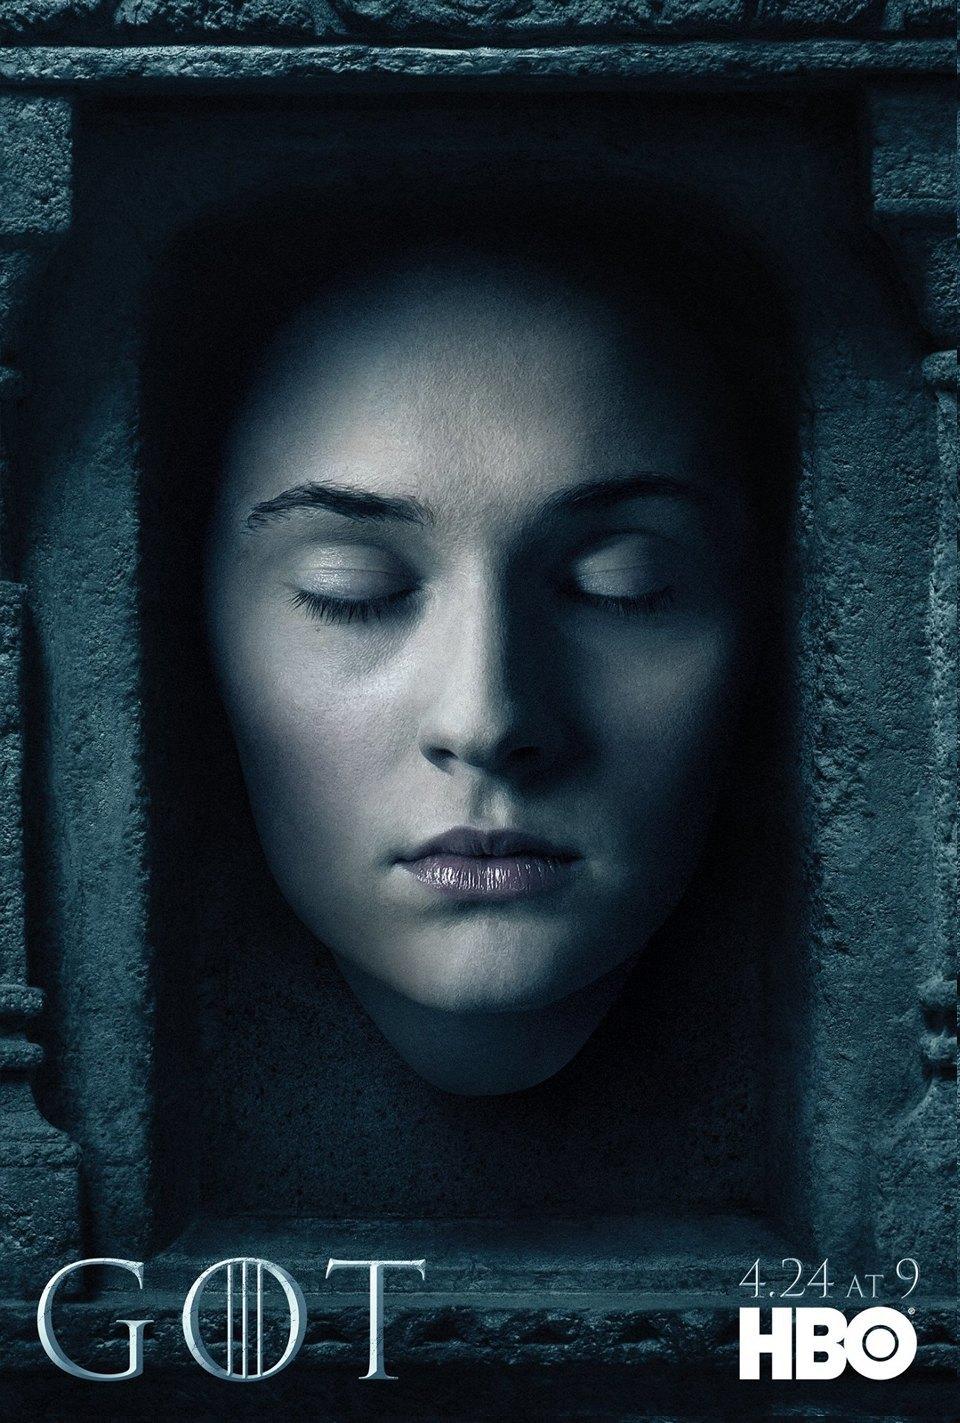 Постеры с героями «Игры престолов» к новому сезону. Изображение № 3.